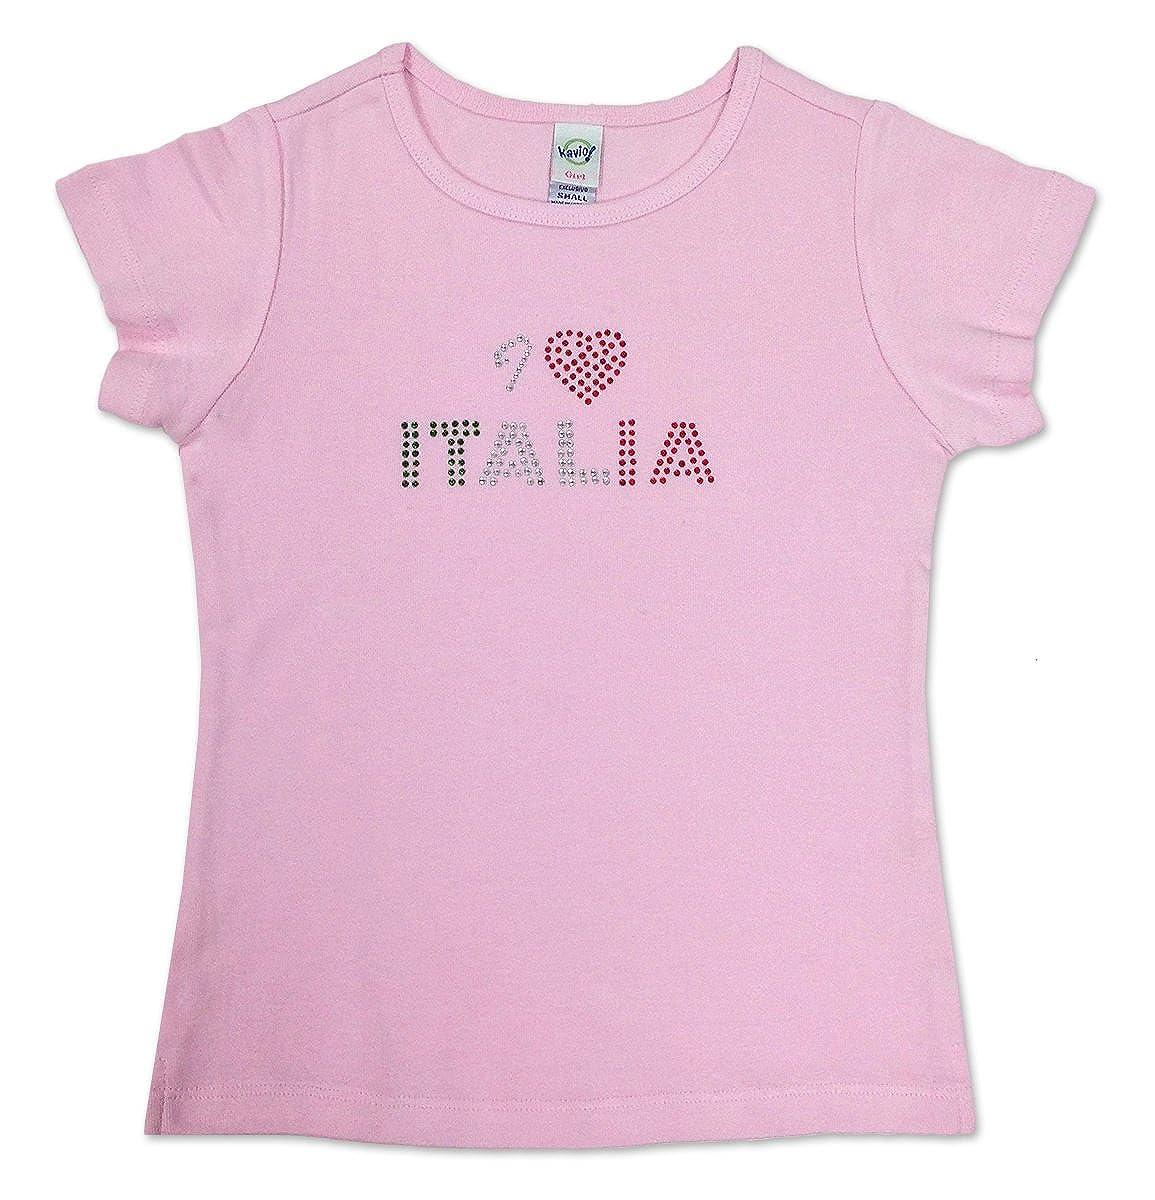 Amazon Com S T World Products I Heart Italia Baby Doll T Shirt